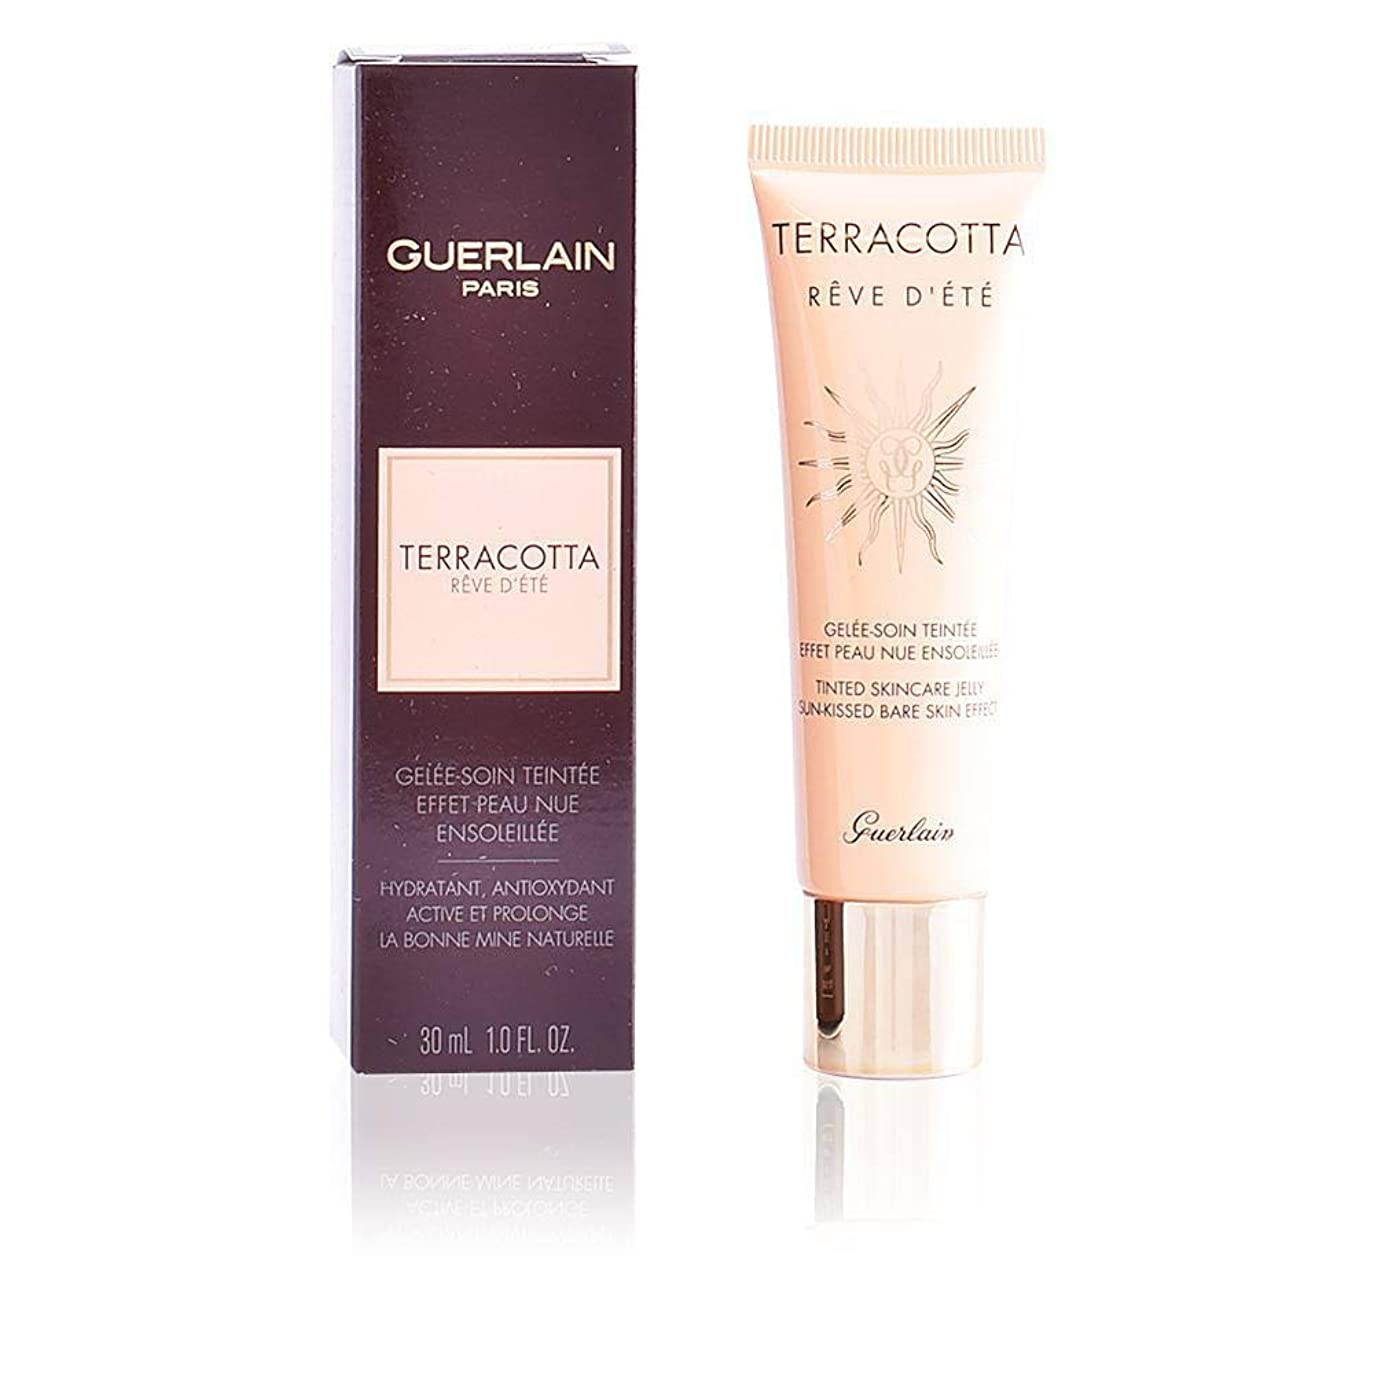 遅滞威信フレッシュゲラン Terracotta Reve D'ete Tinted Skincare Jelly - # Light 30ml/1oz並行輸入品